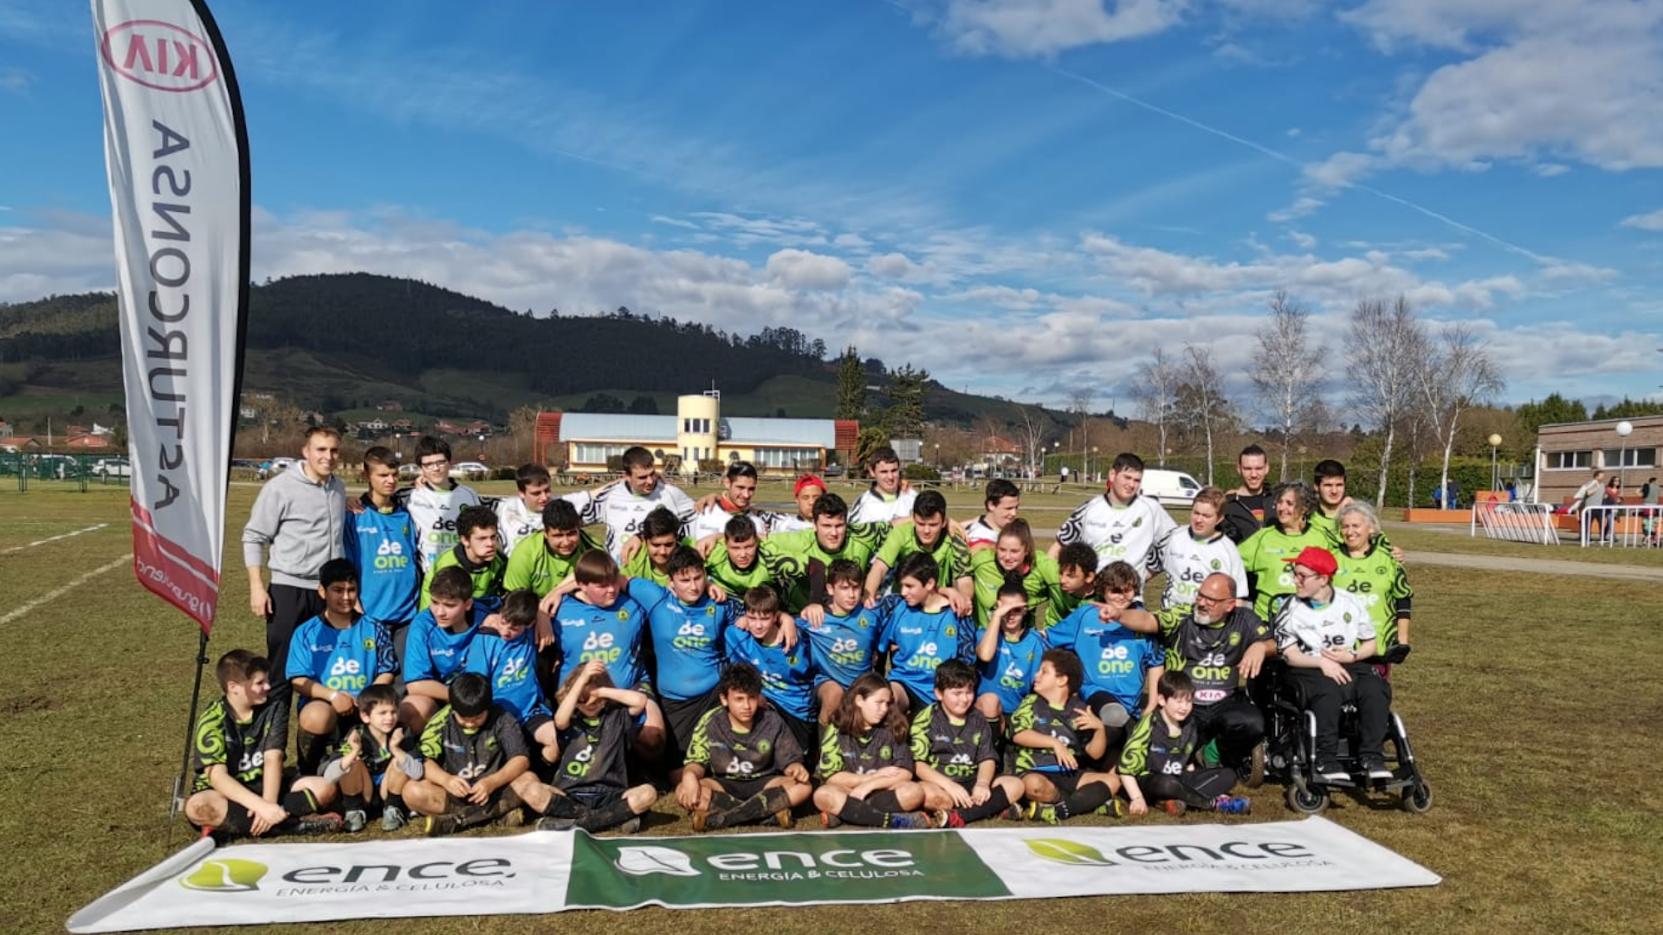 El Beone Rugby seguirá contando con todos sus Patrocinadores puedan o no mantener su ayuda